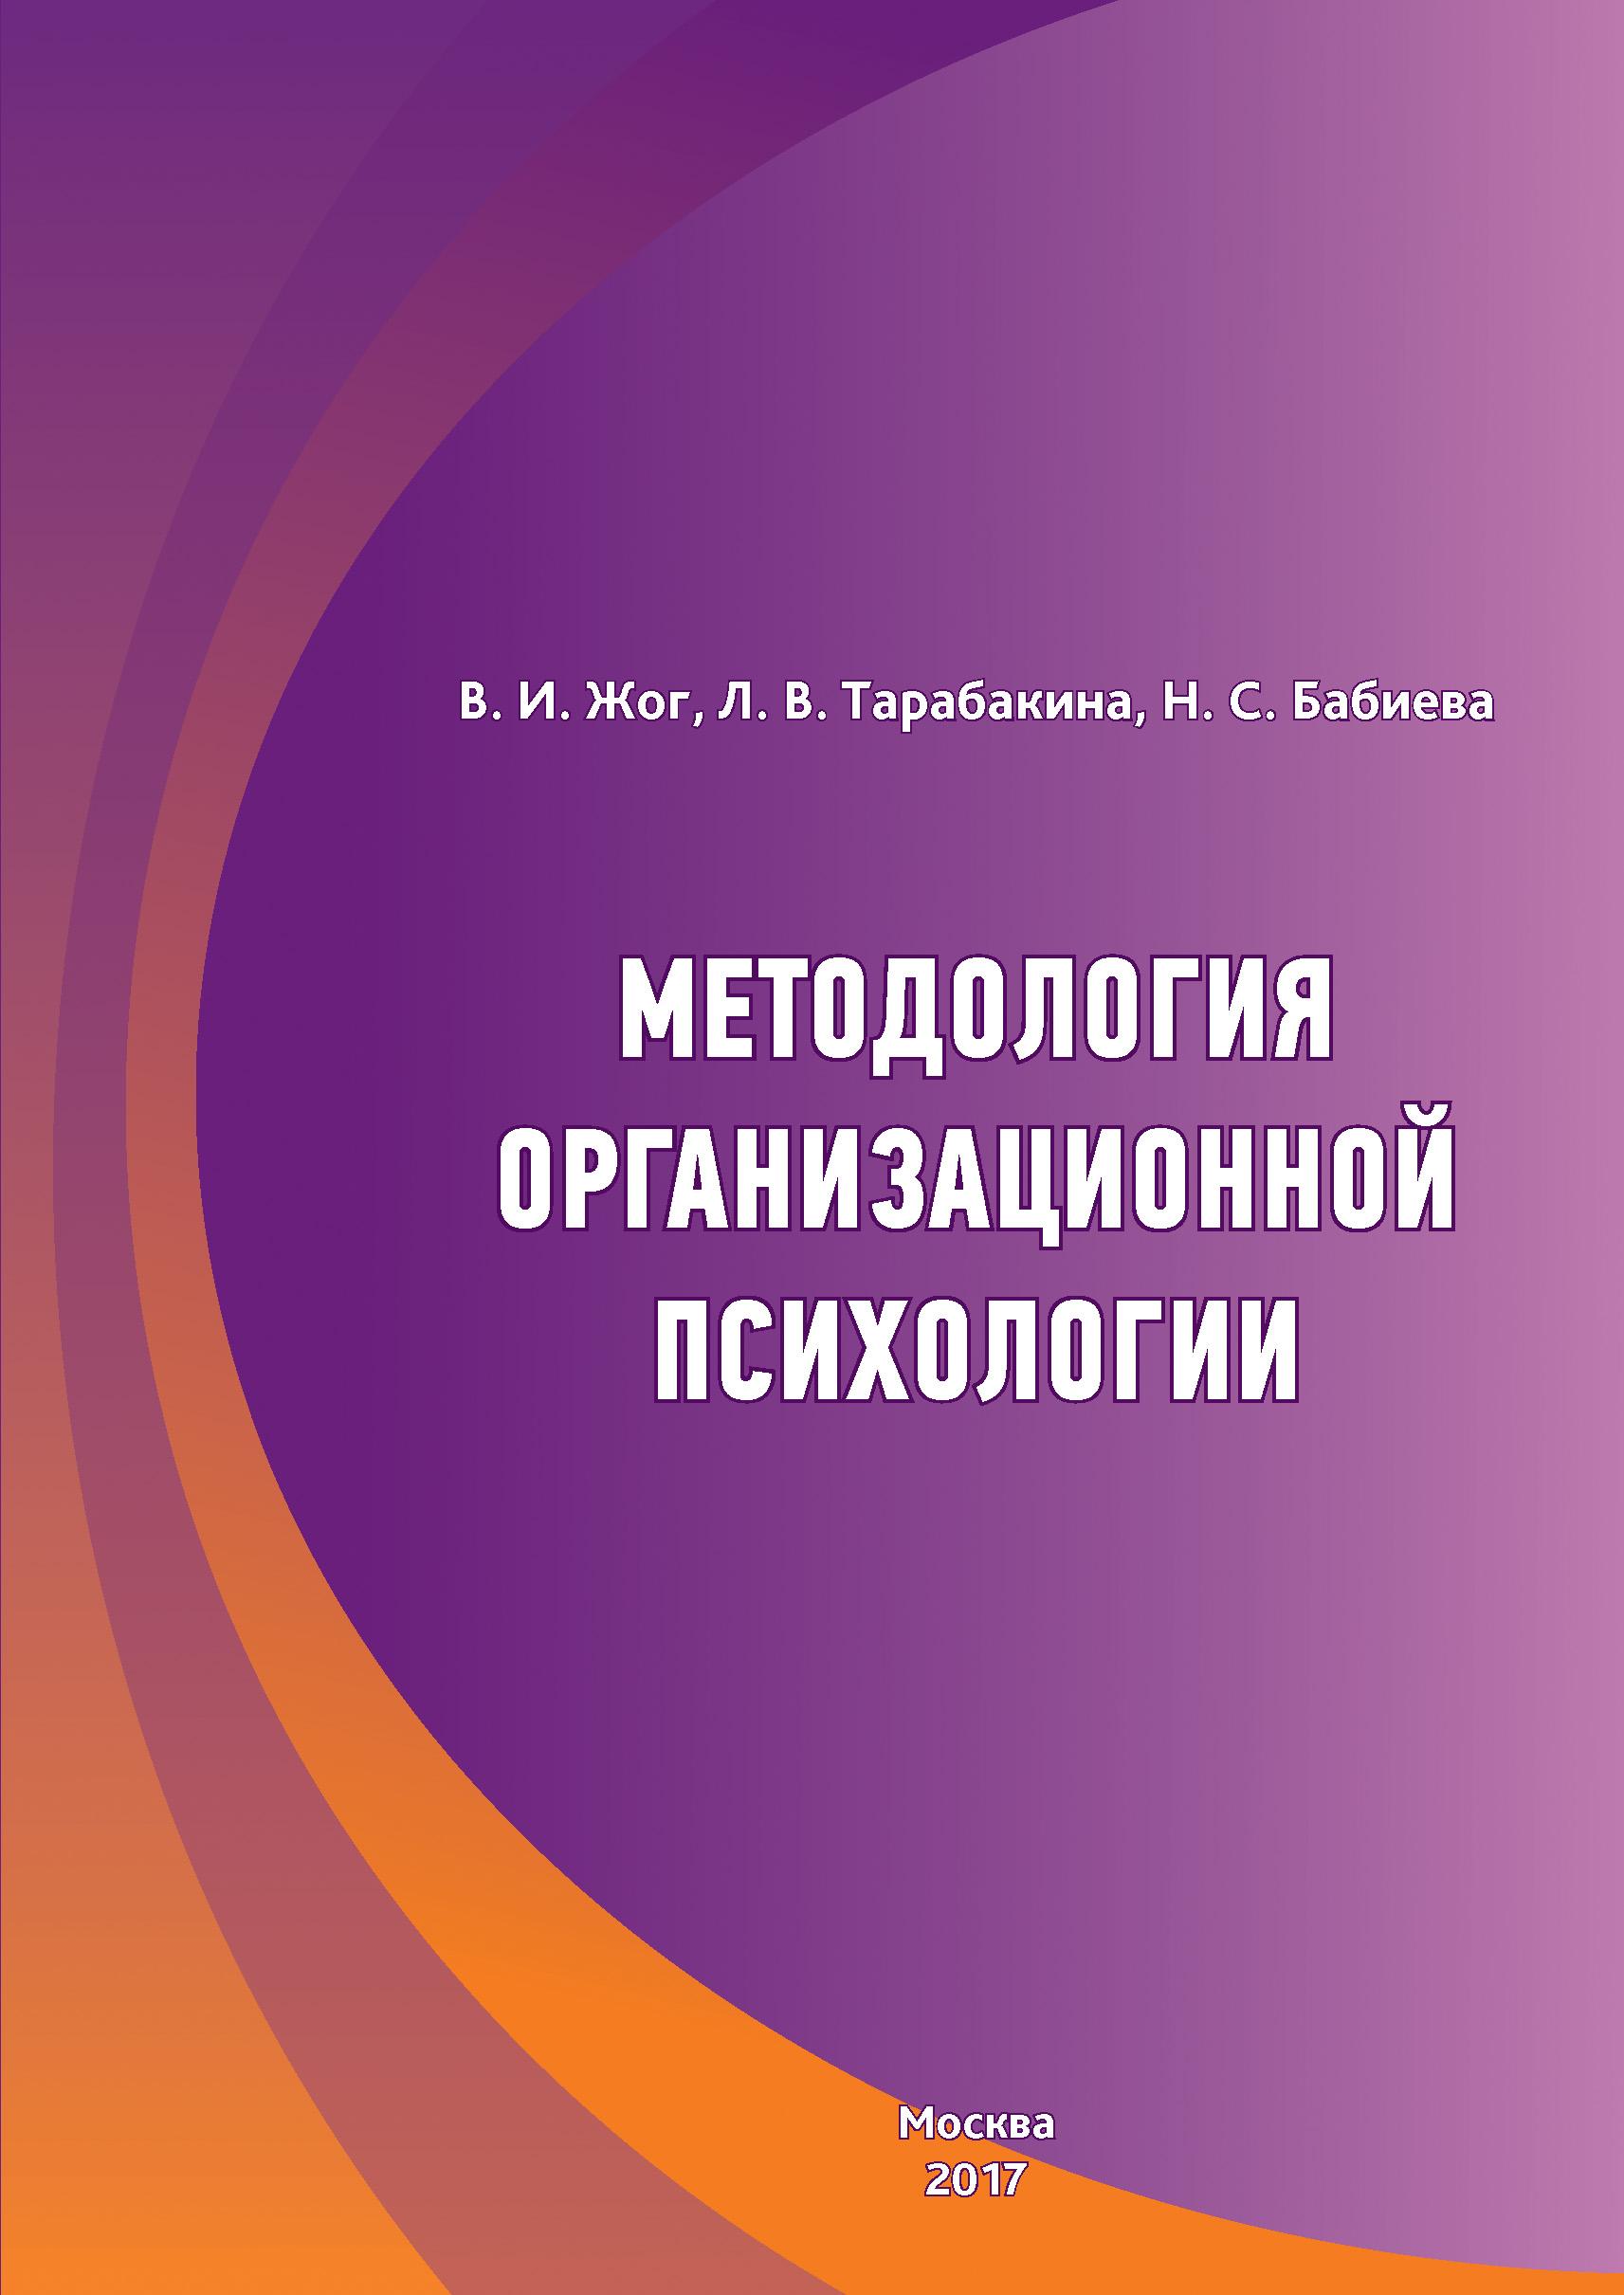 Методология организационной психологии